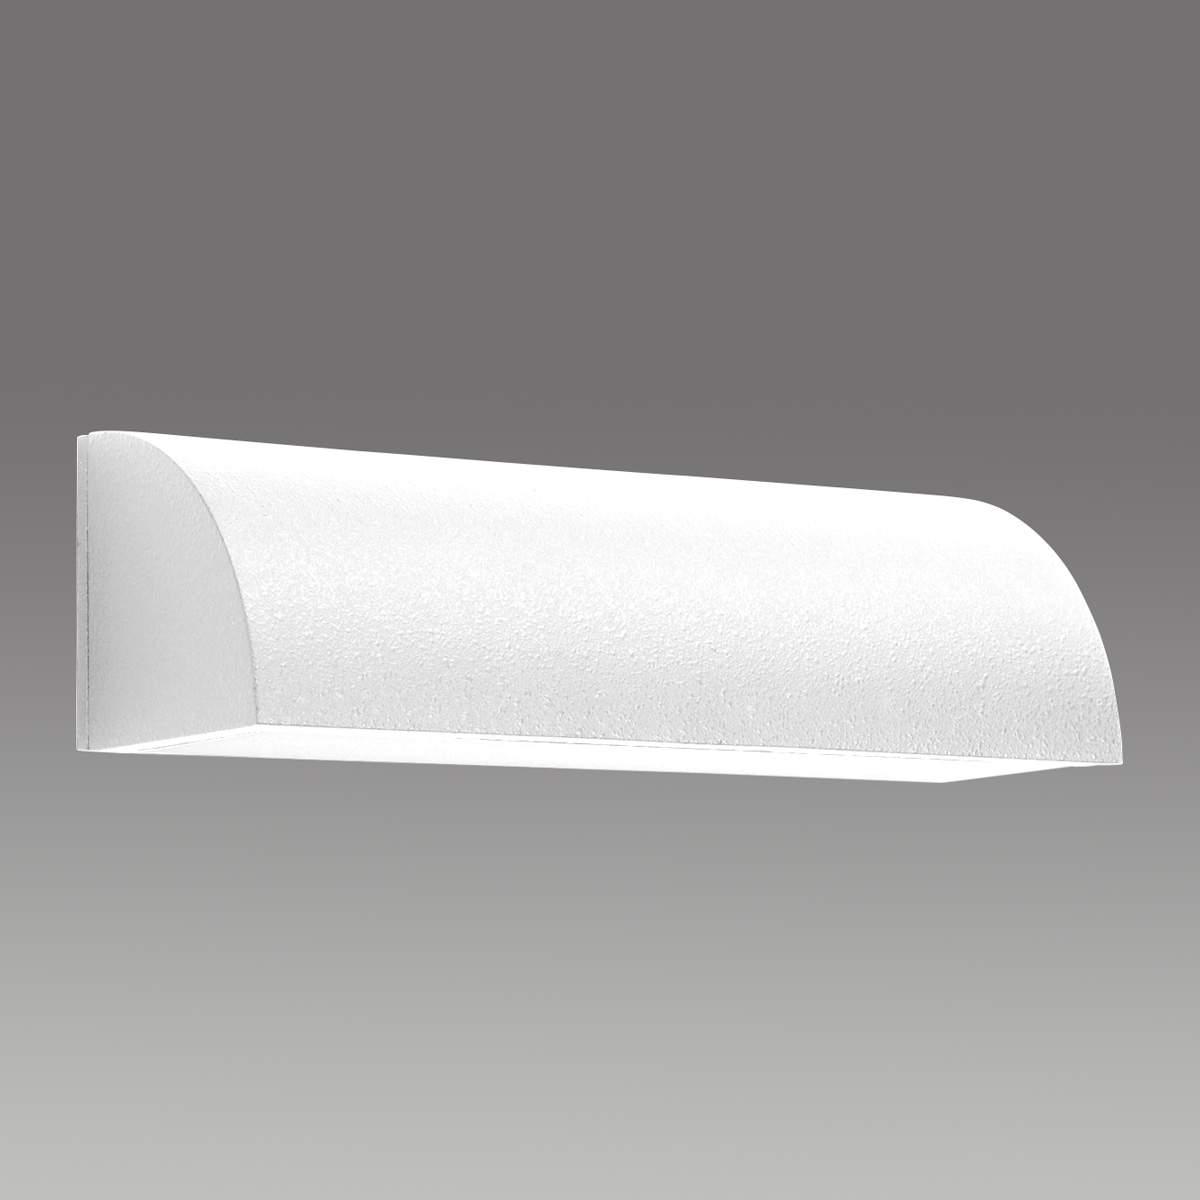 Beriwan Aluminium Wandleuchte 30 cm weiß